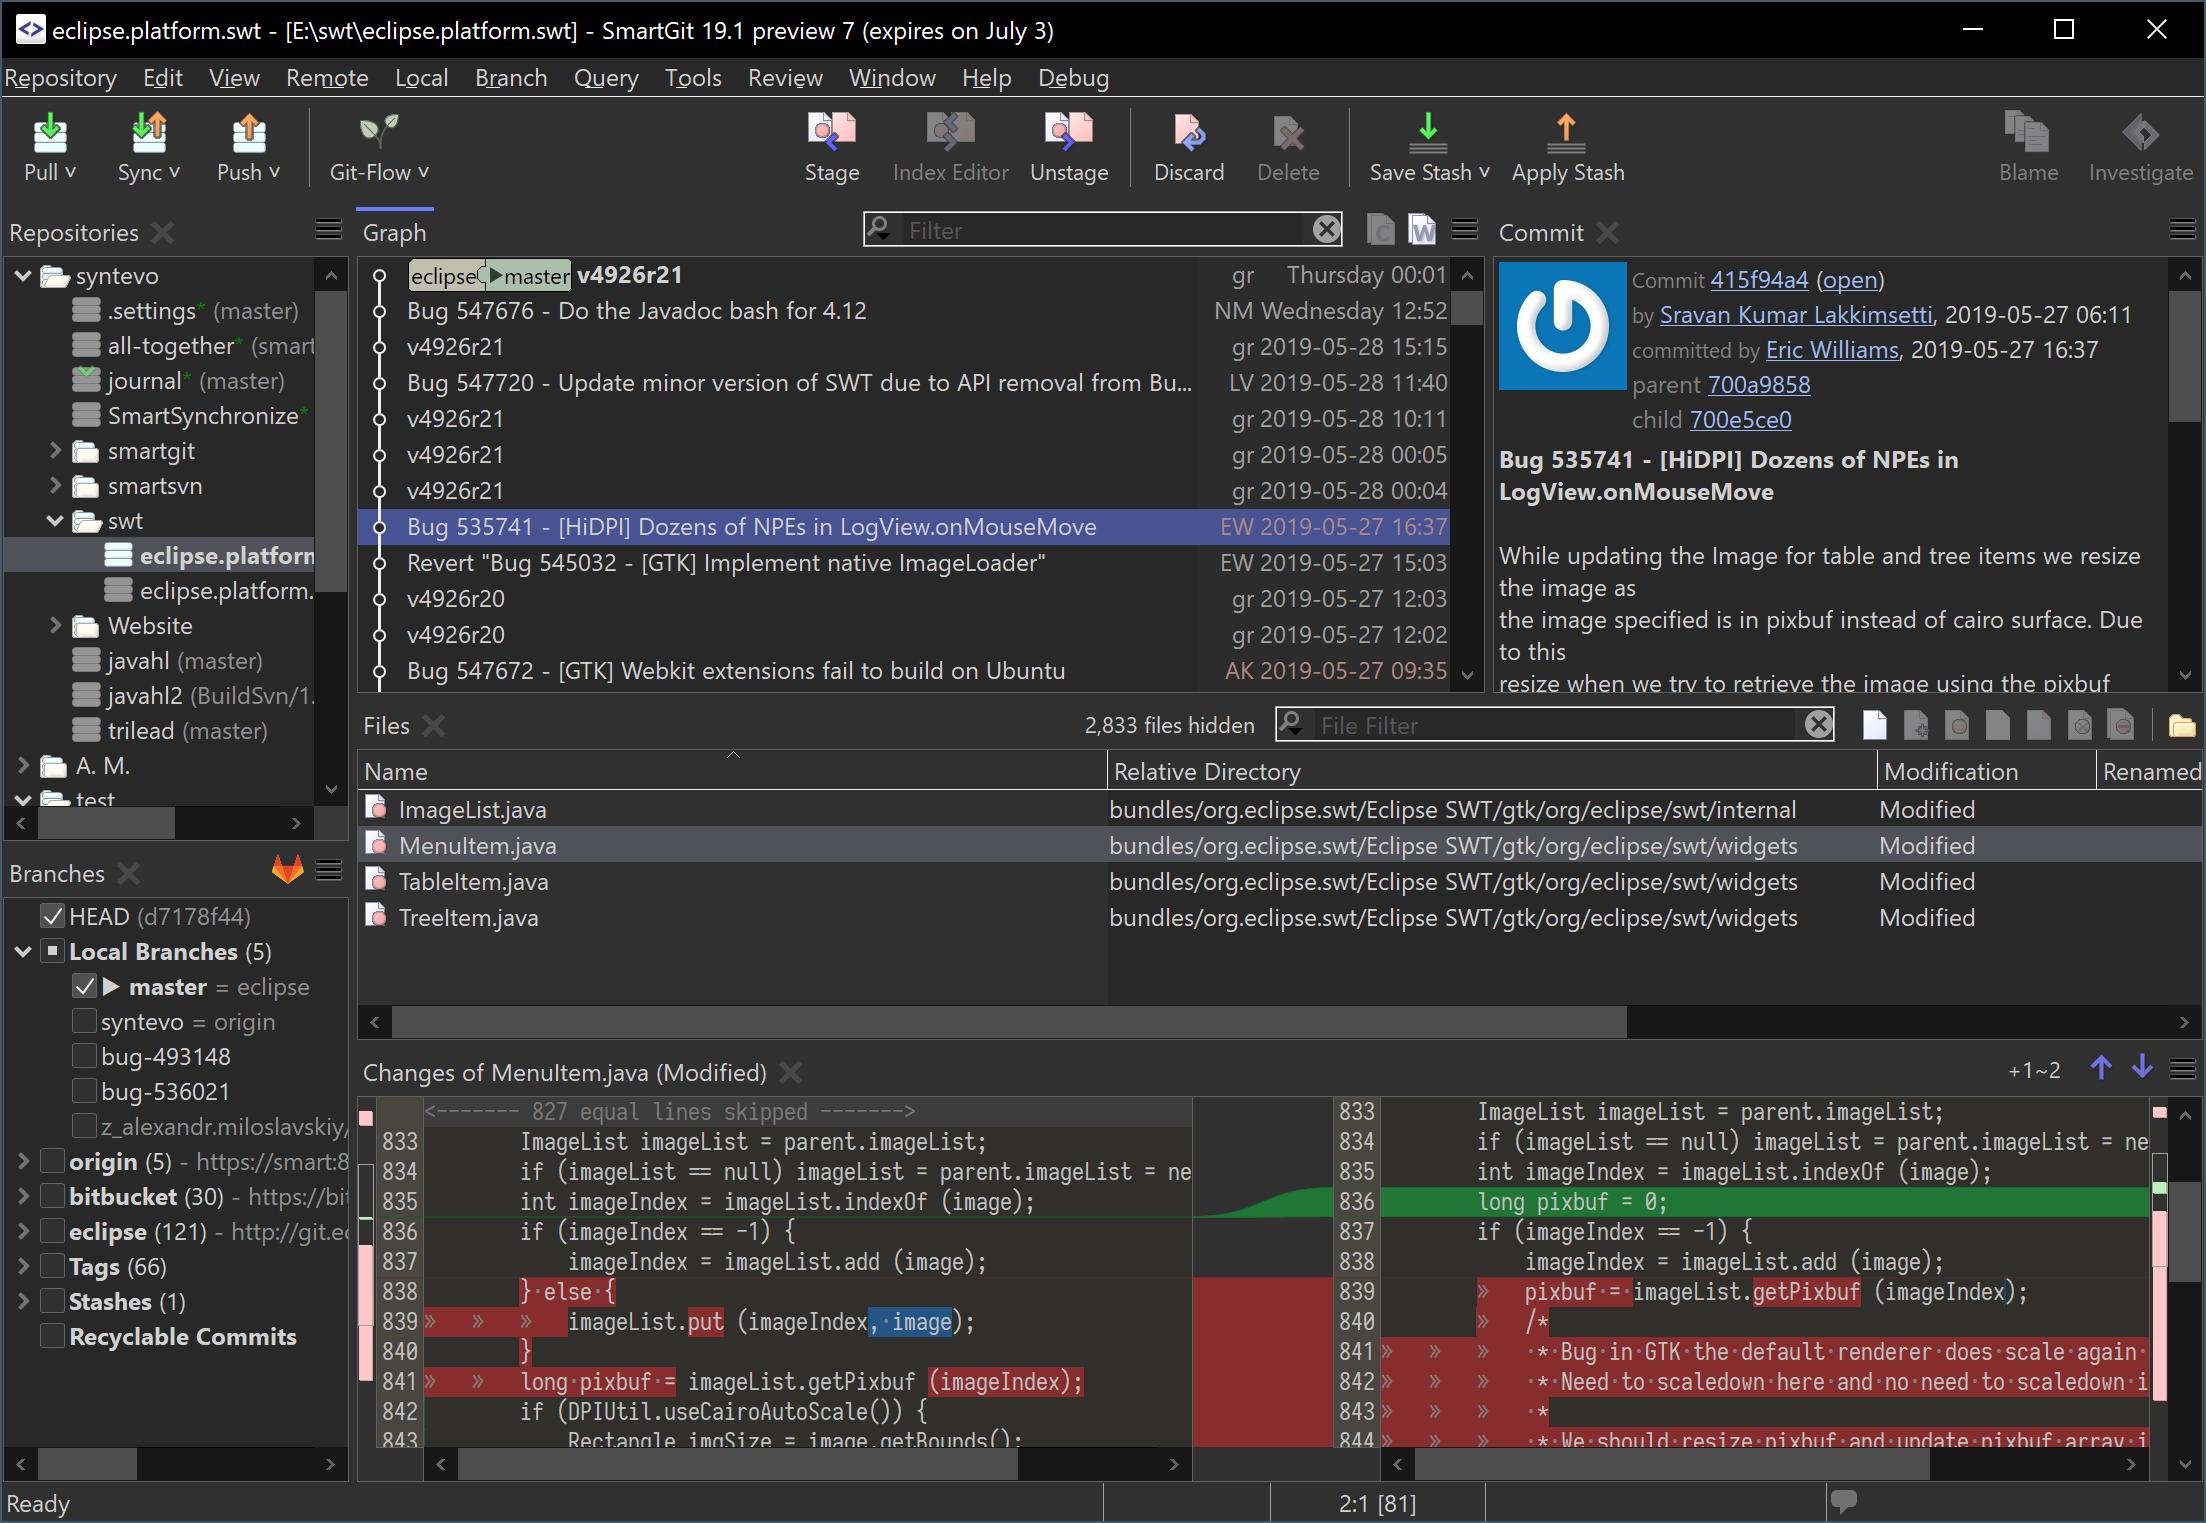 技术宅的Git图形化工具smartgit